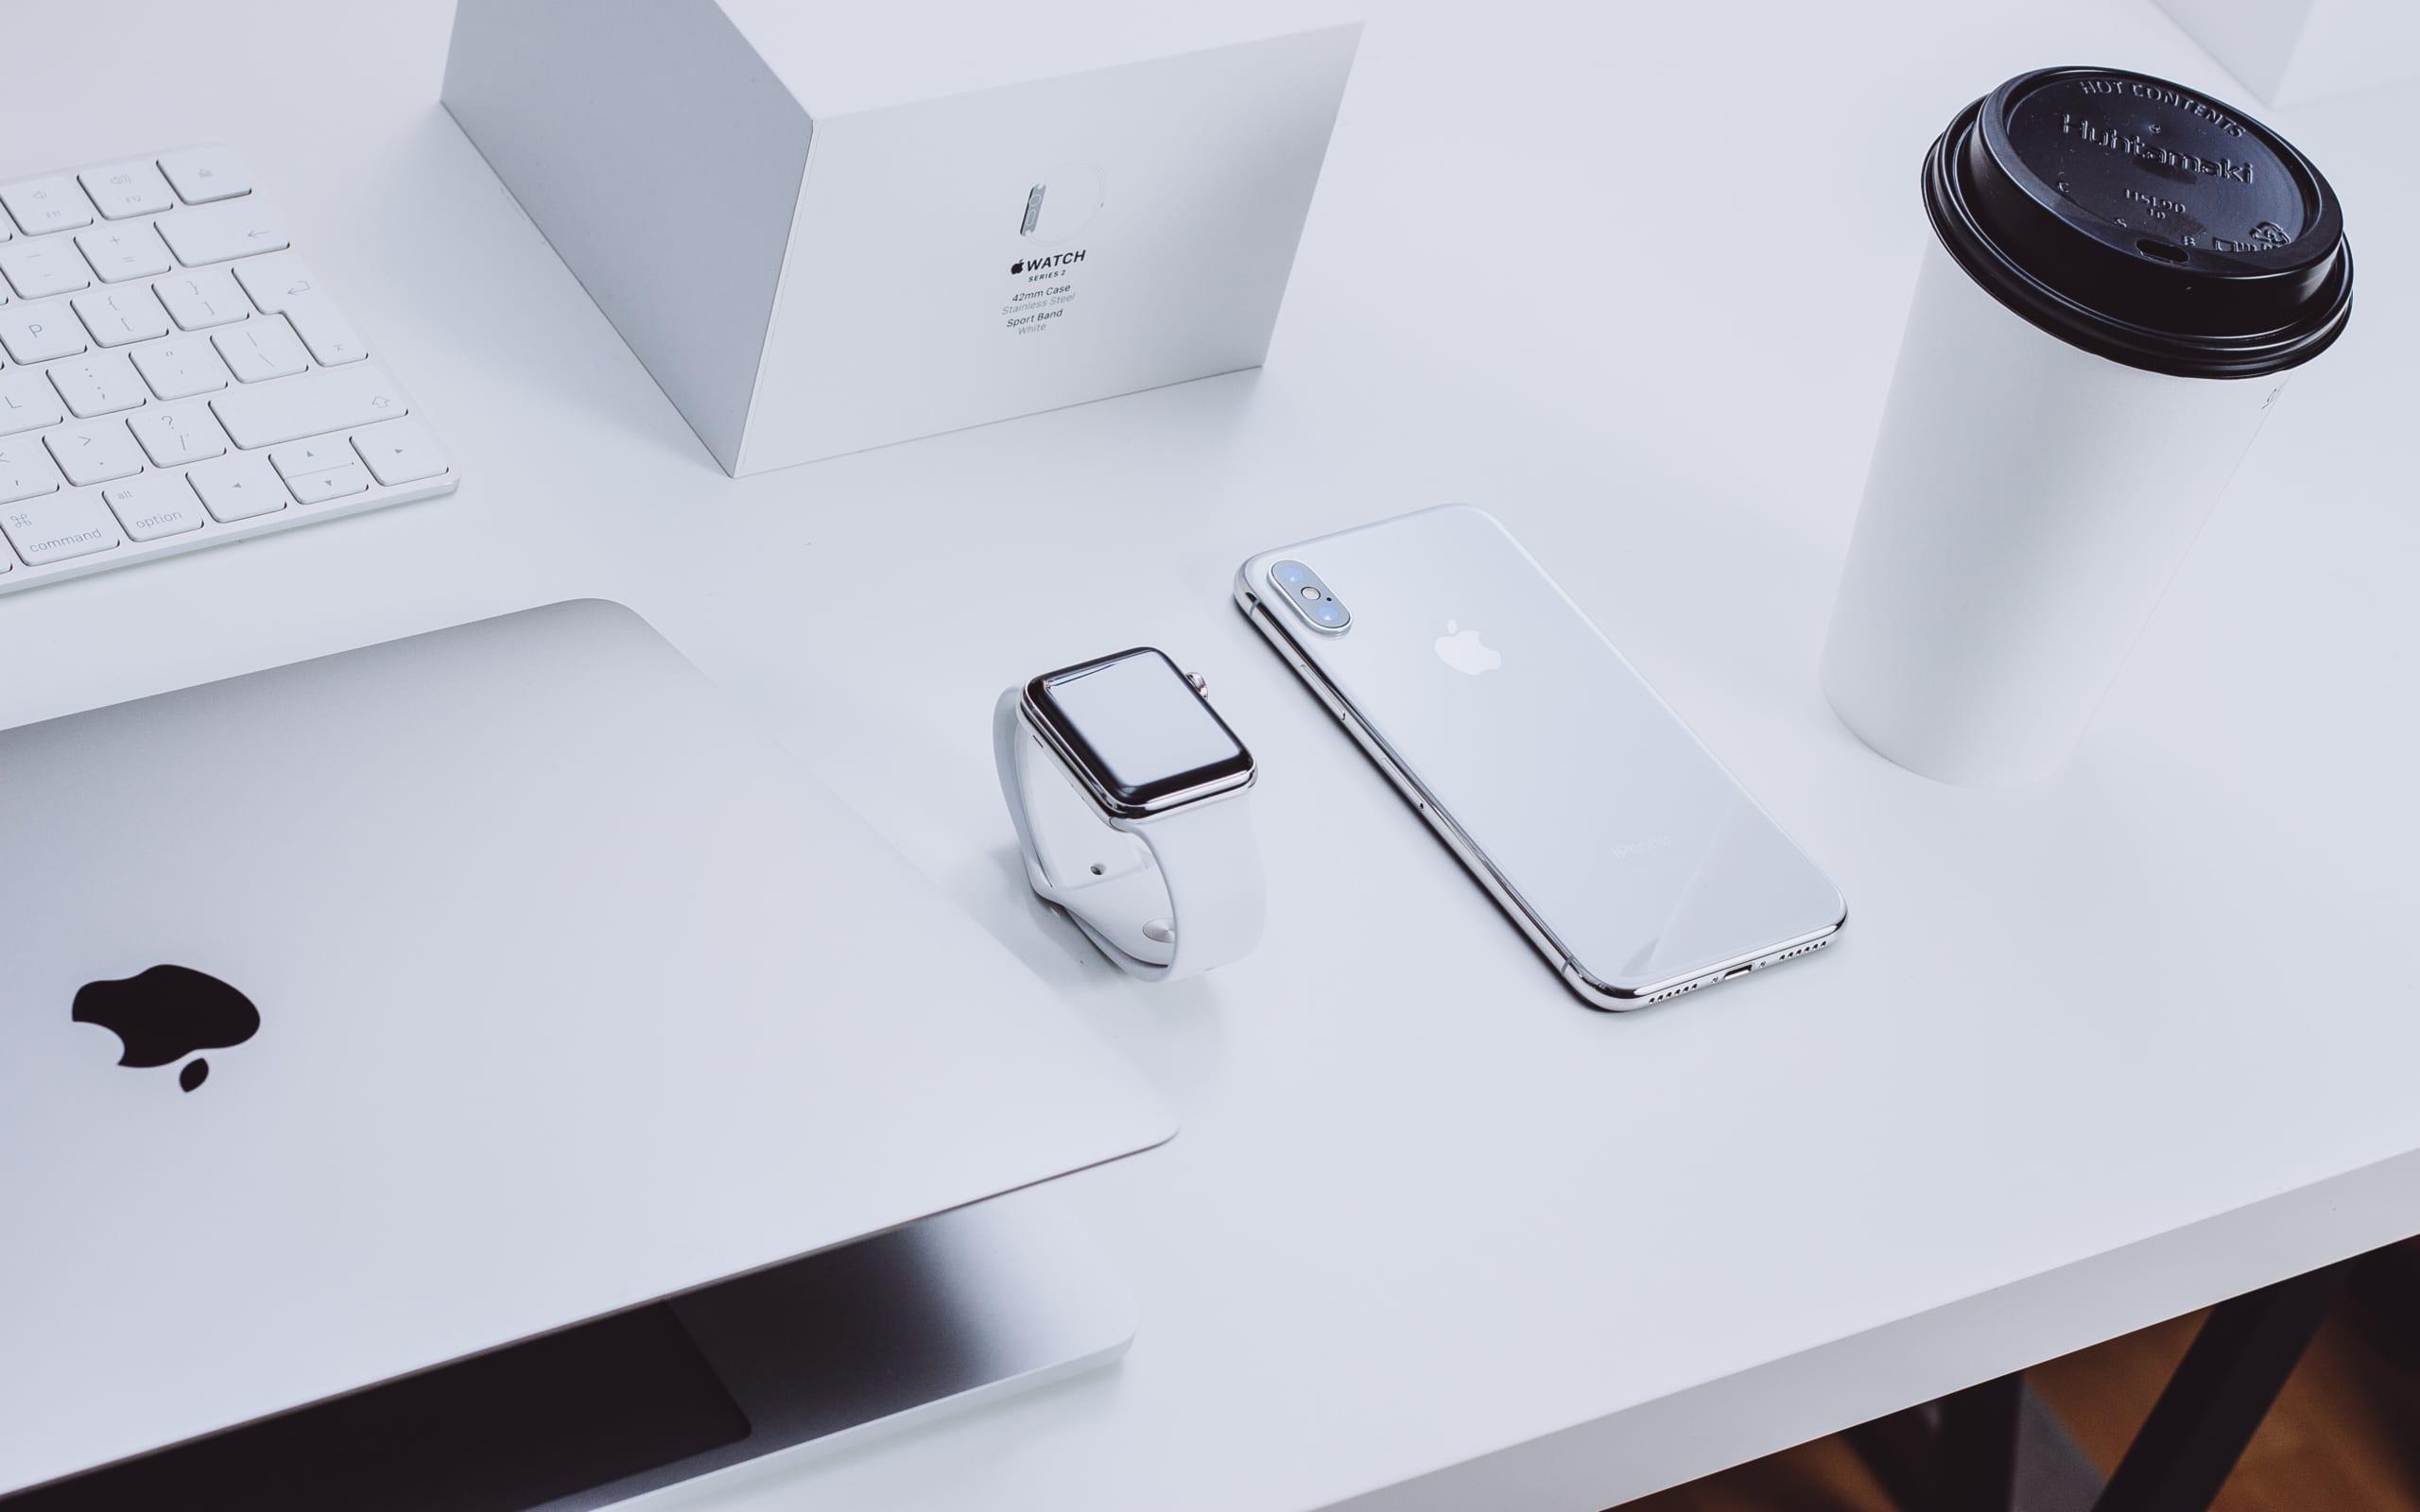 Appleの紛失防止タグAirTag(エアタグ)の発売はいつ?特徴・価格予想まとめ